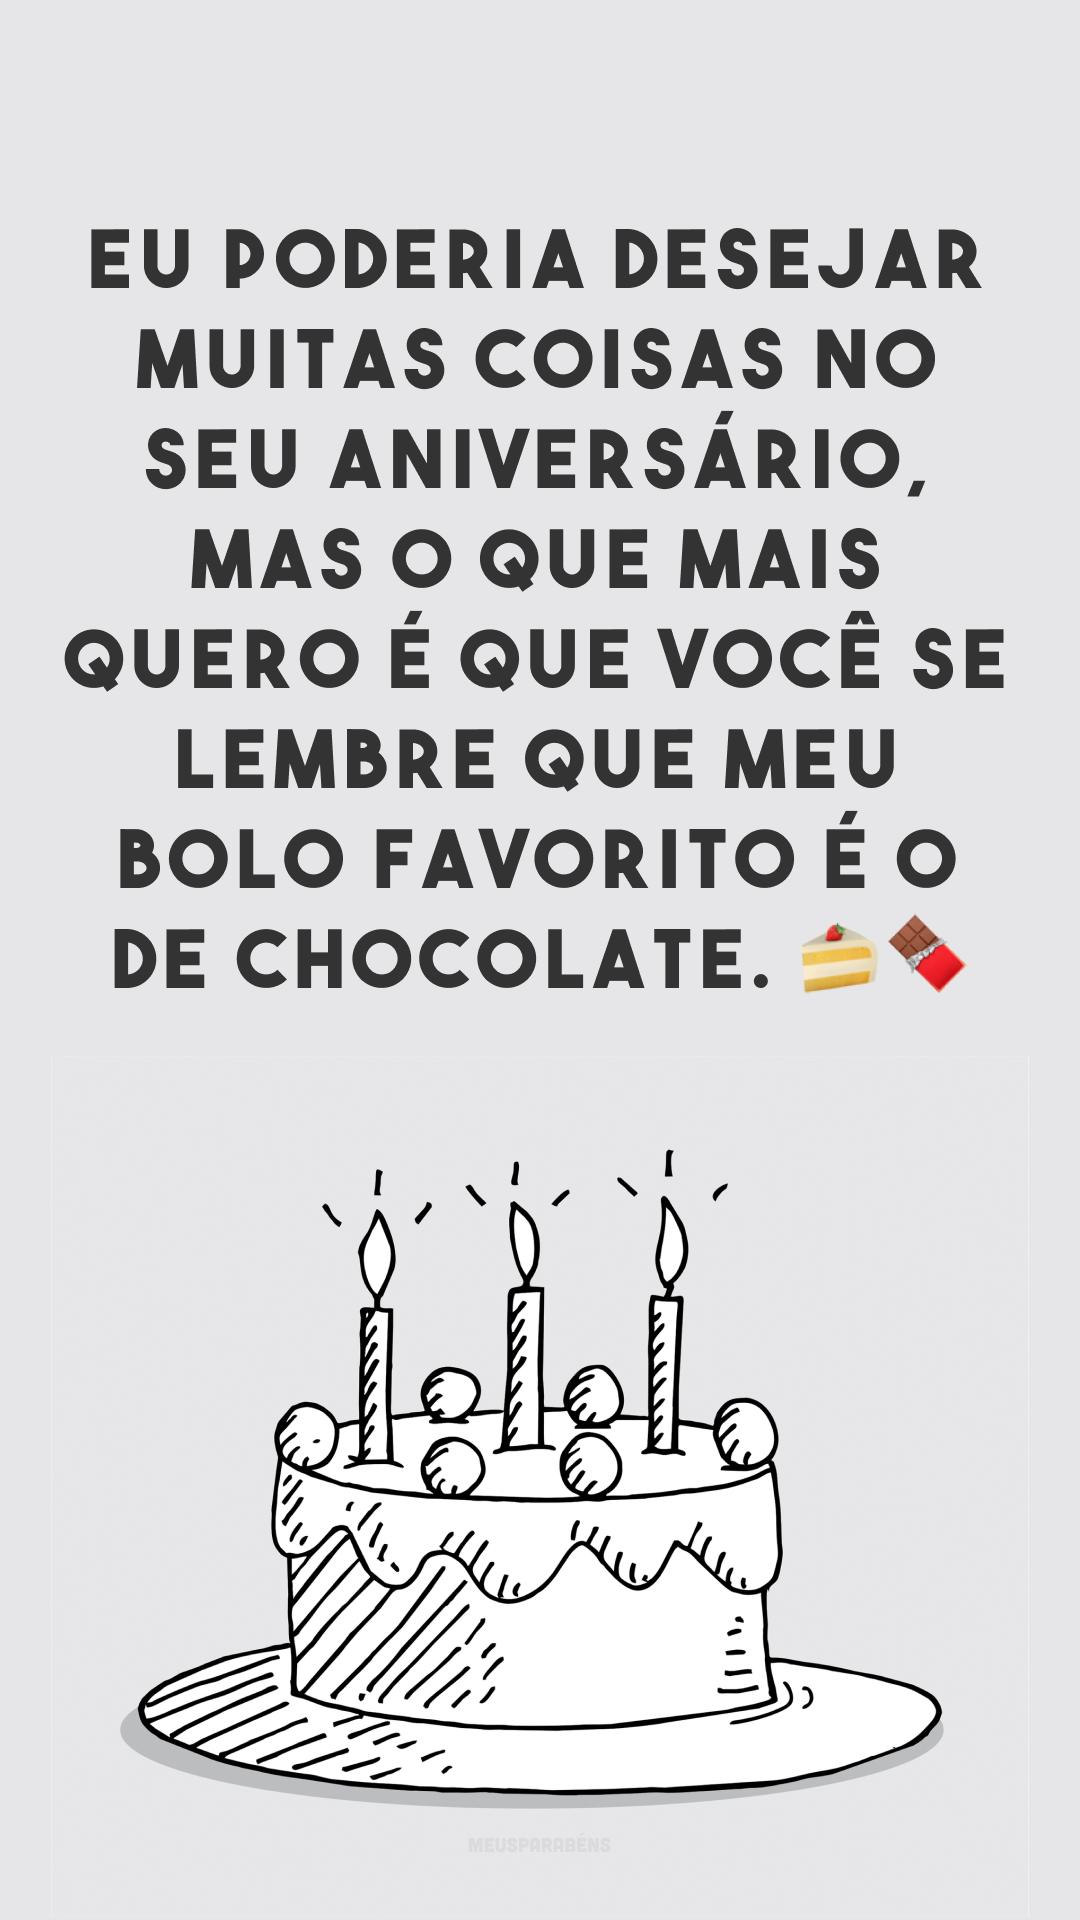 Aniversário é sempre motivo para comemorar com bolo de chocolate